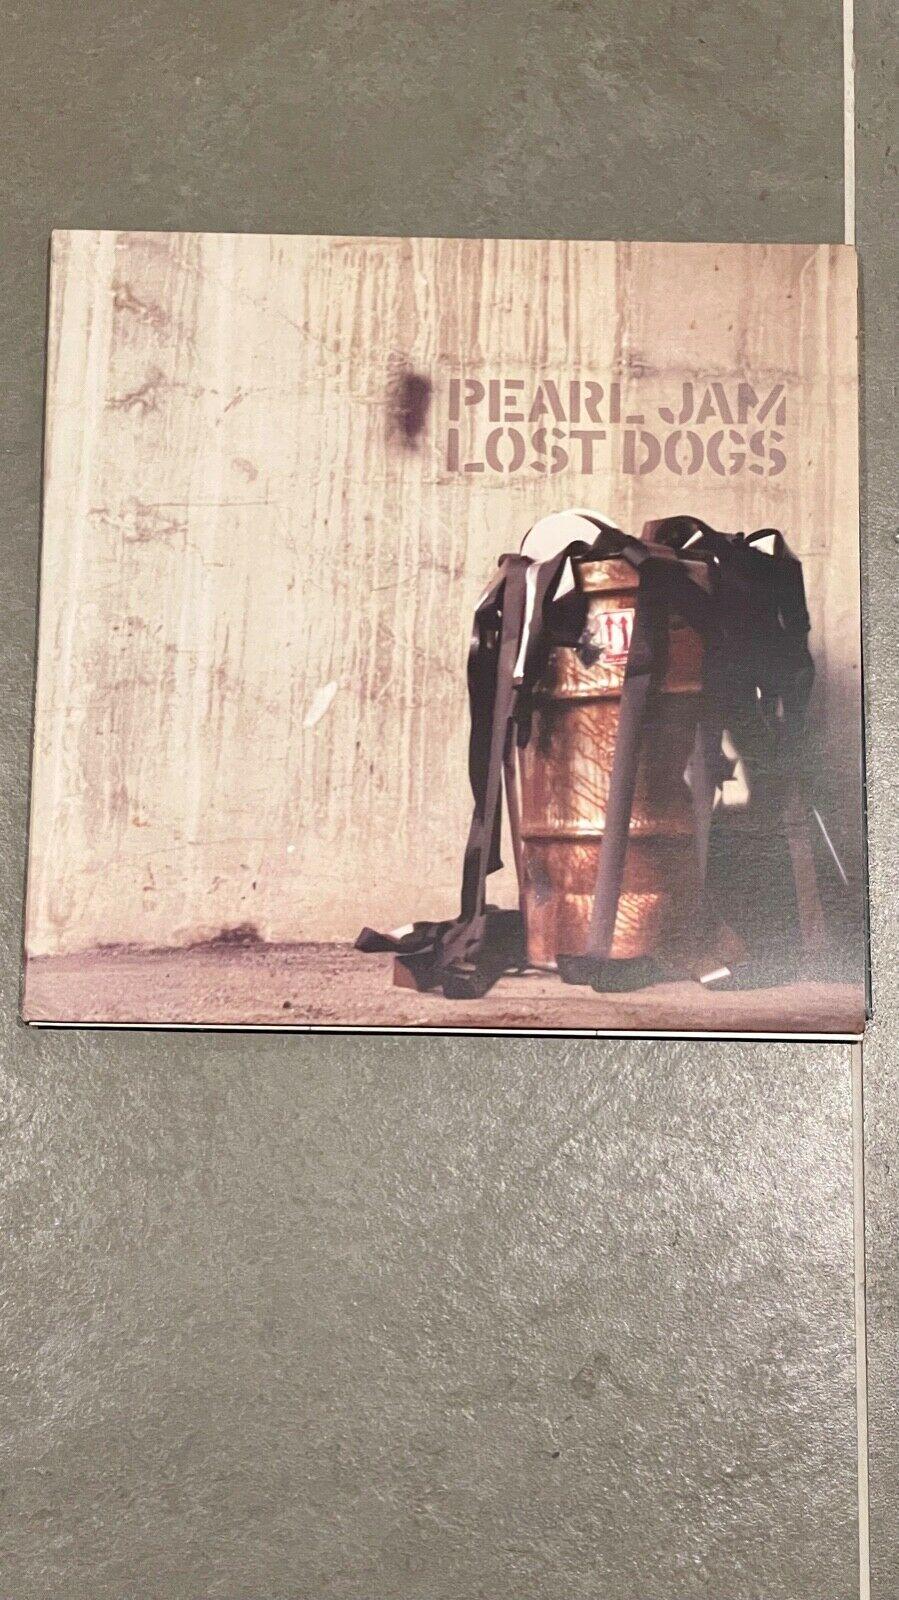 Pearl Jam Lost Dogs 3Lp 2003 ORIGINAL E3 85758